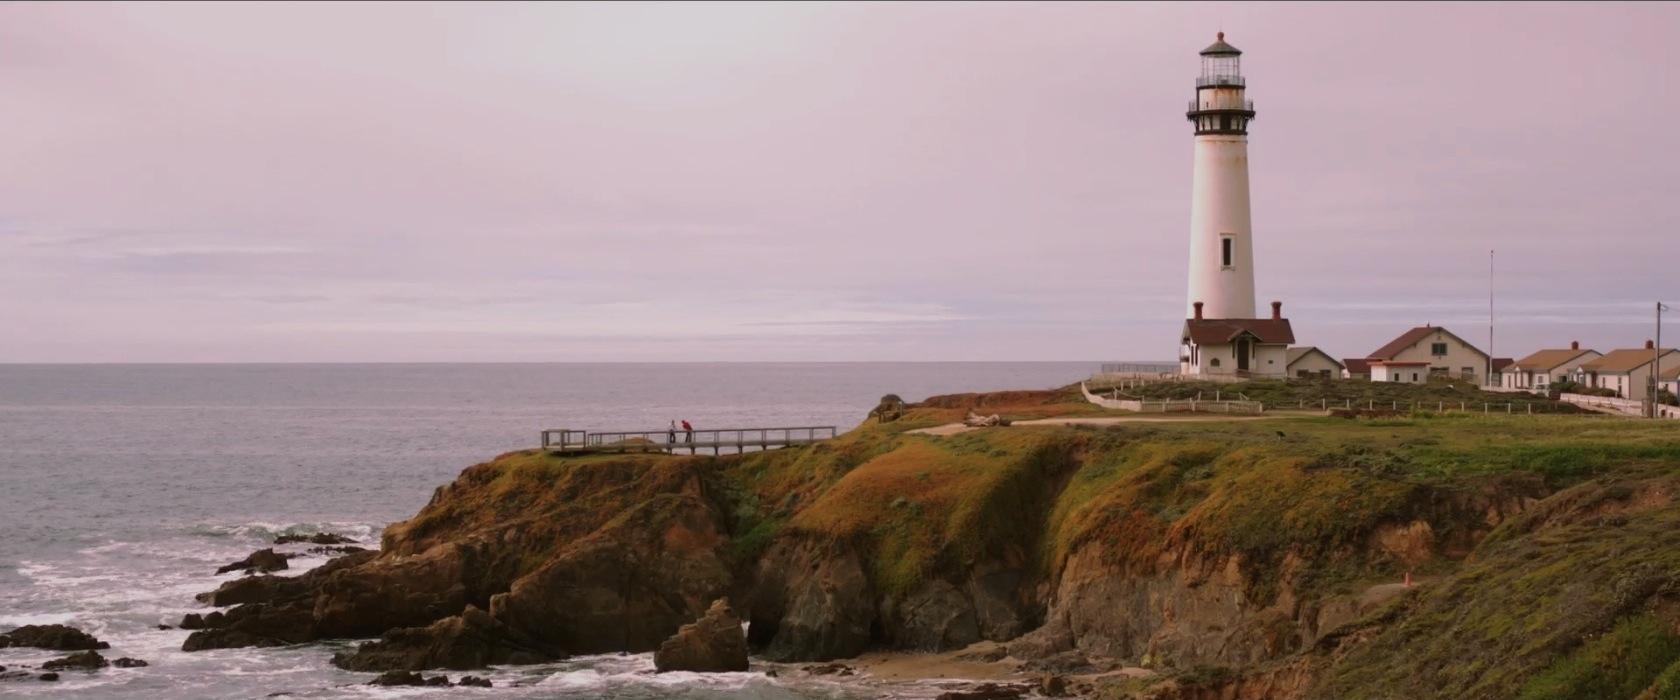 Lighthouse-WS-pink-darker.jpg